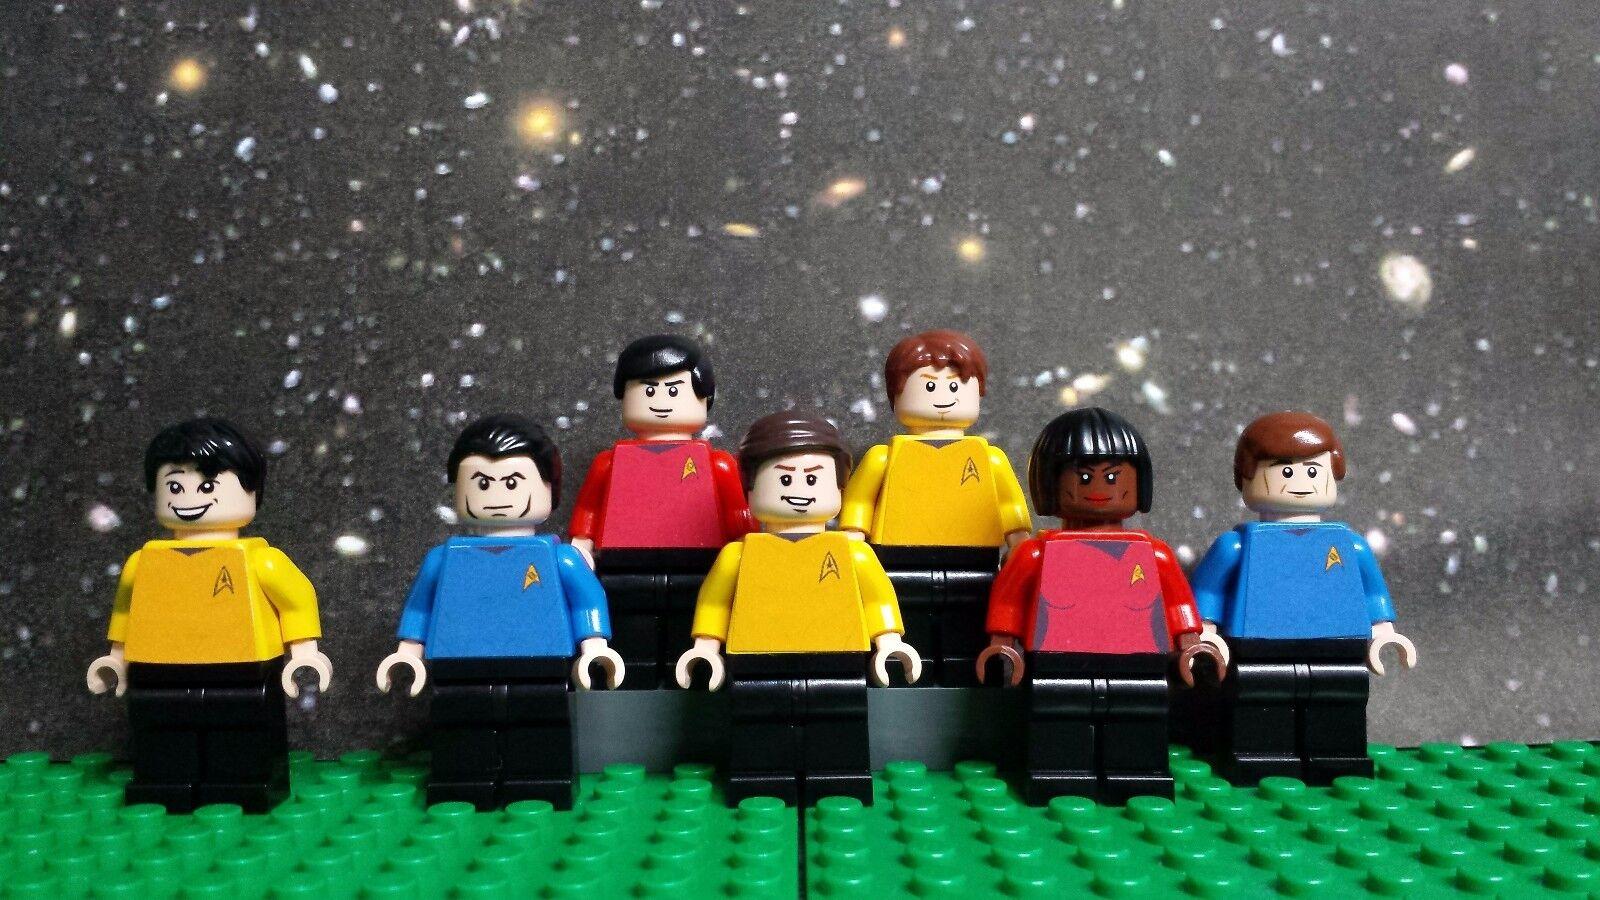 Lego stjärna TREK Original serier minifigurer.Läs alla detaljer 100% Genuine lego